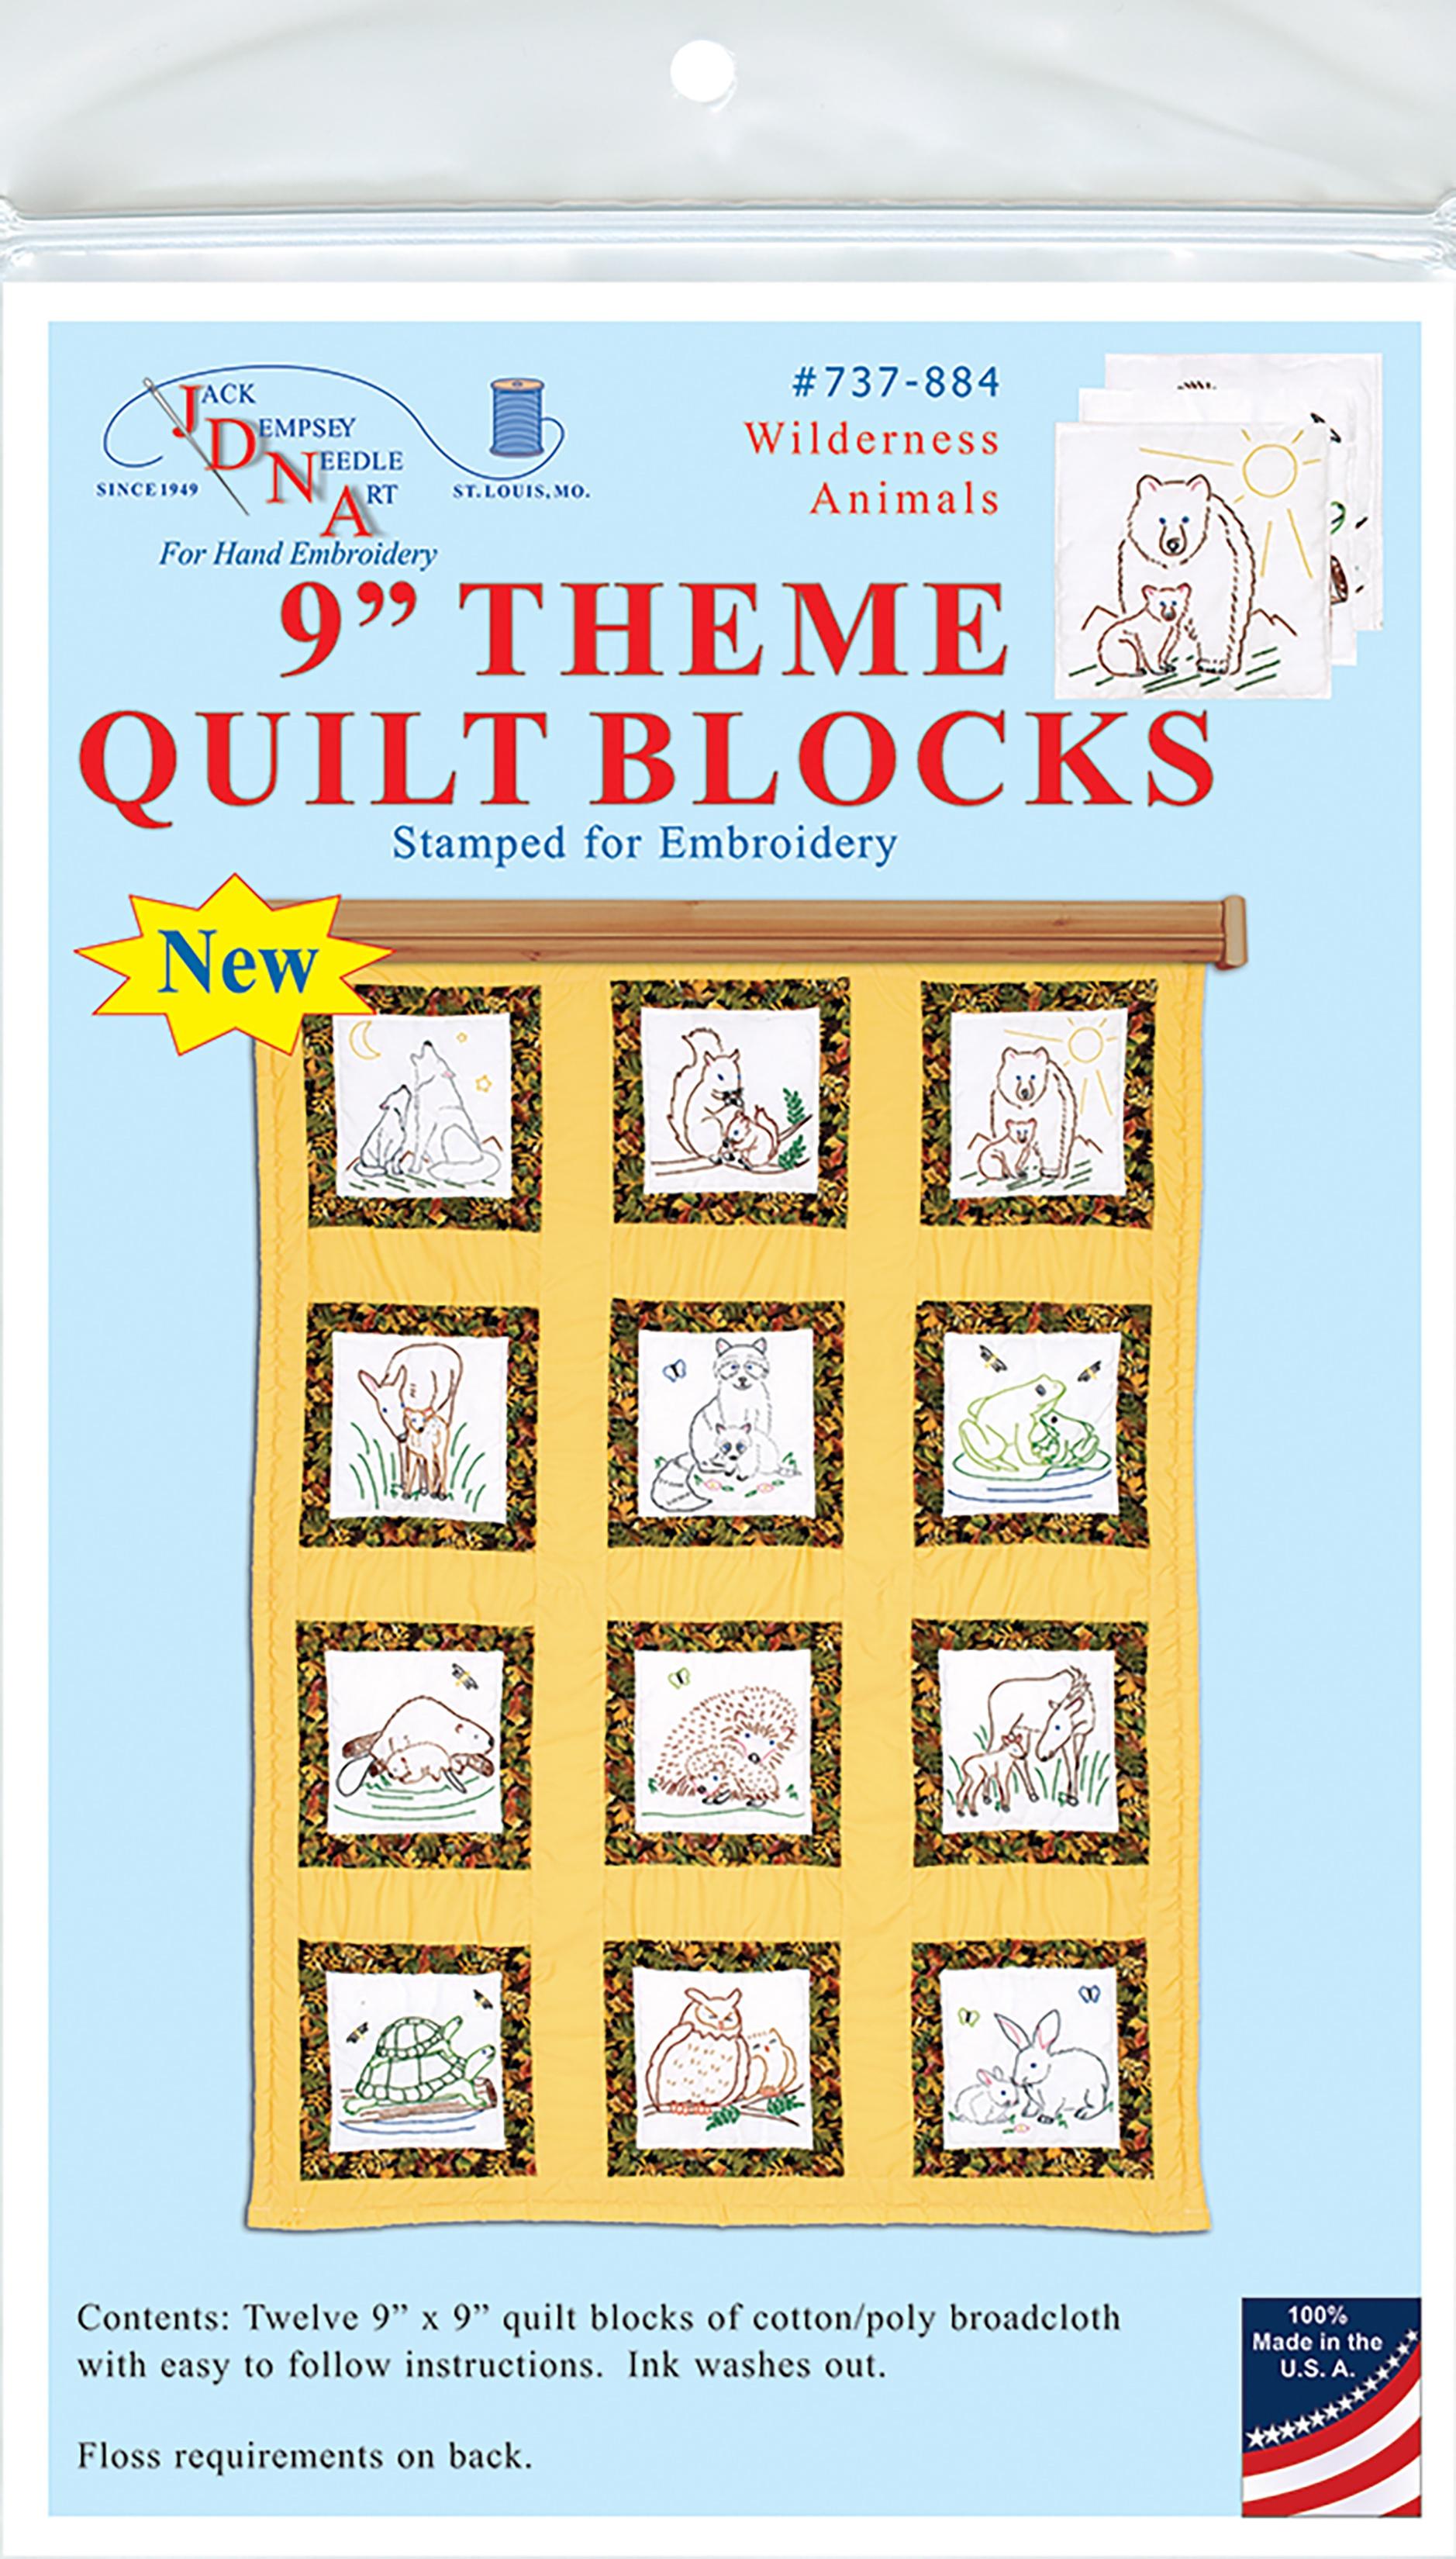 Jack Dempsey Themed Stamped White Quilt Blocks 9X9 12/Pkg-Wilderness Animals